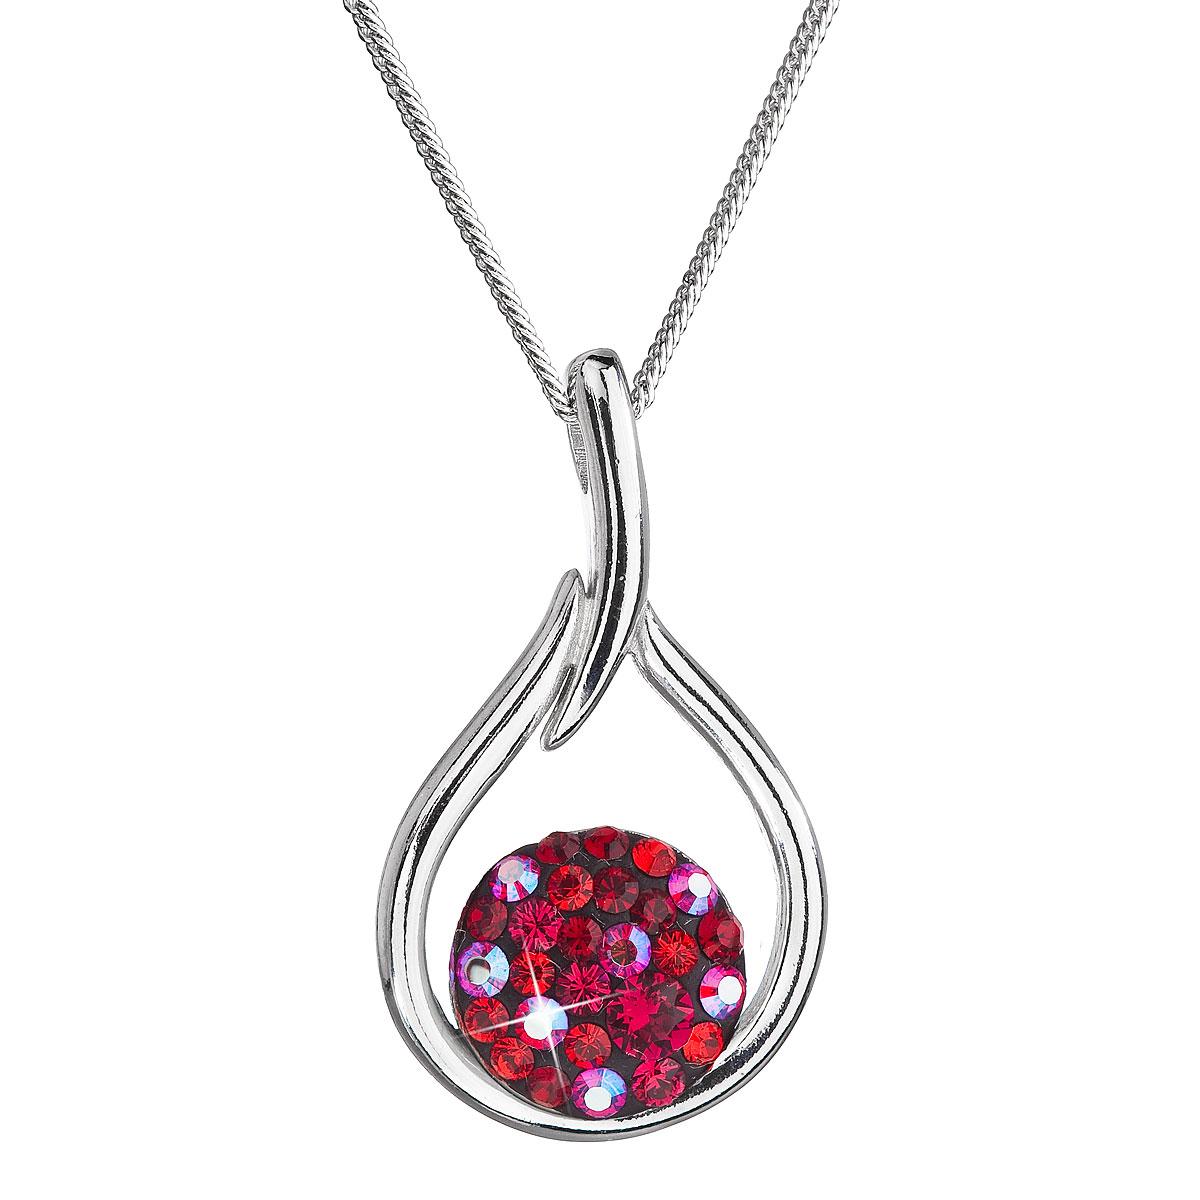 Strieborný náhrdelník so Swarovski kryštálmi kvapka 32075.3 cherry